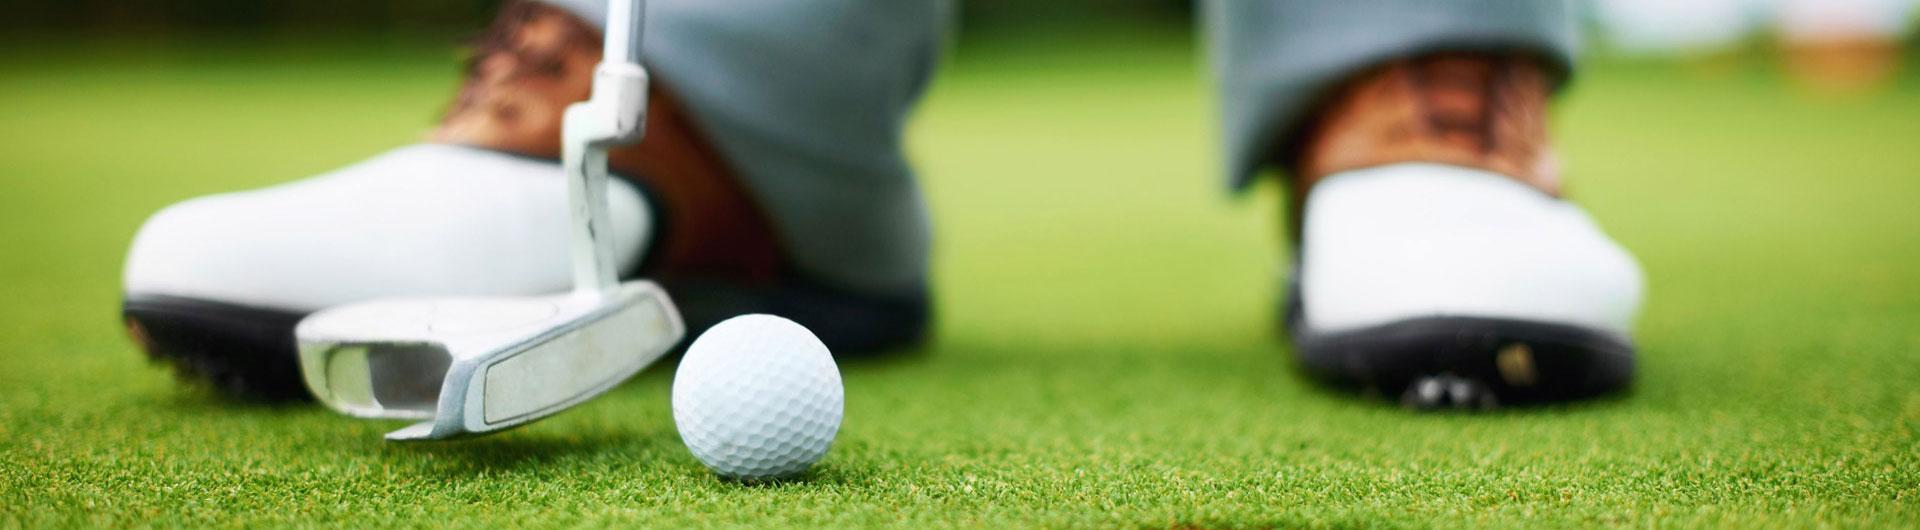 start.slider.golfer